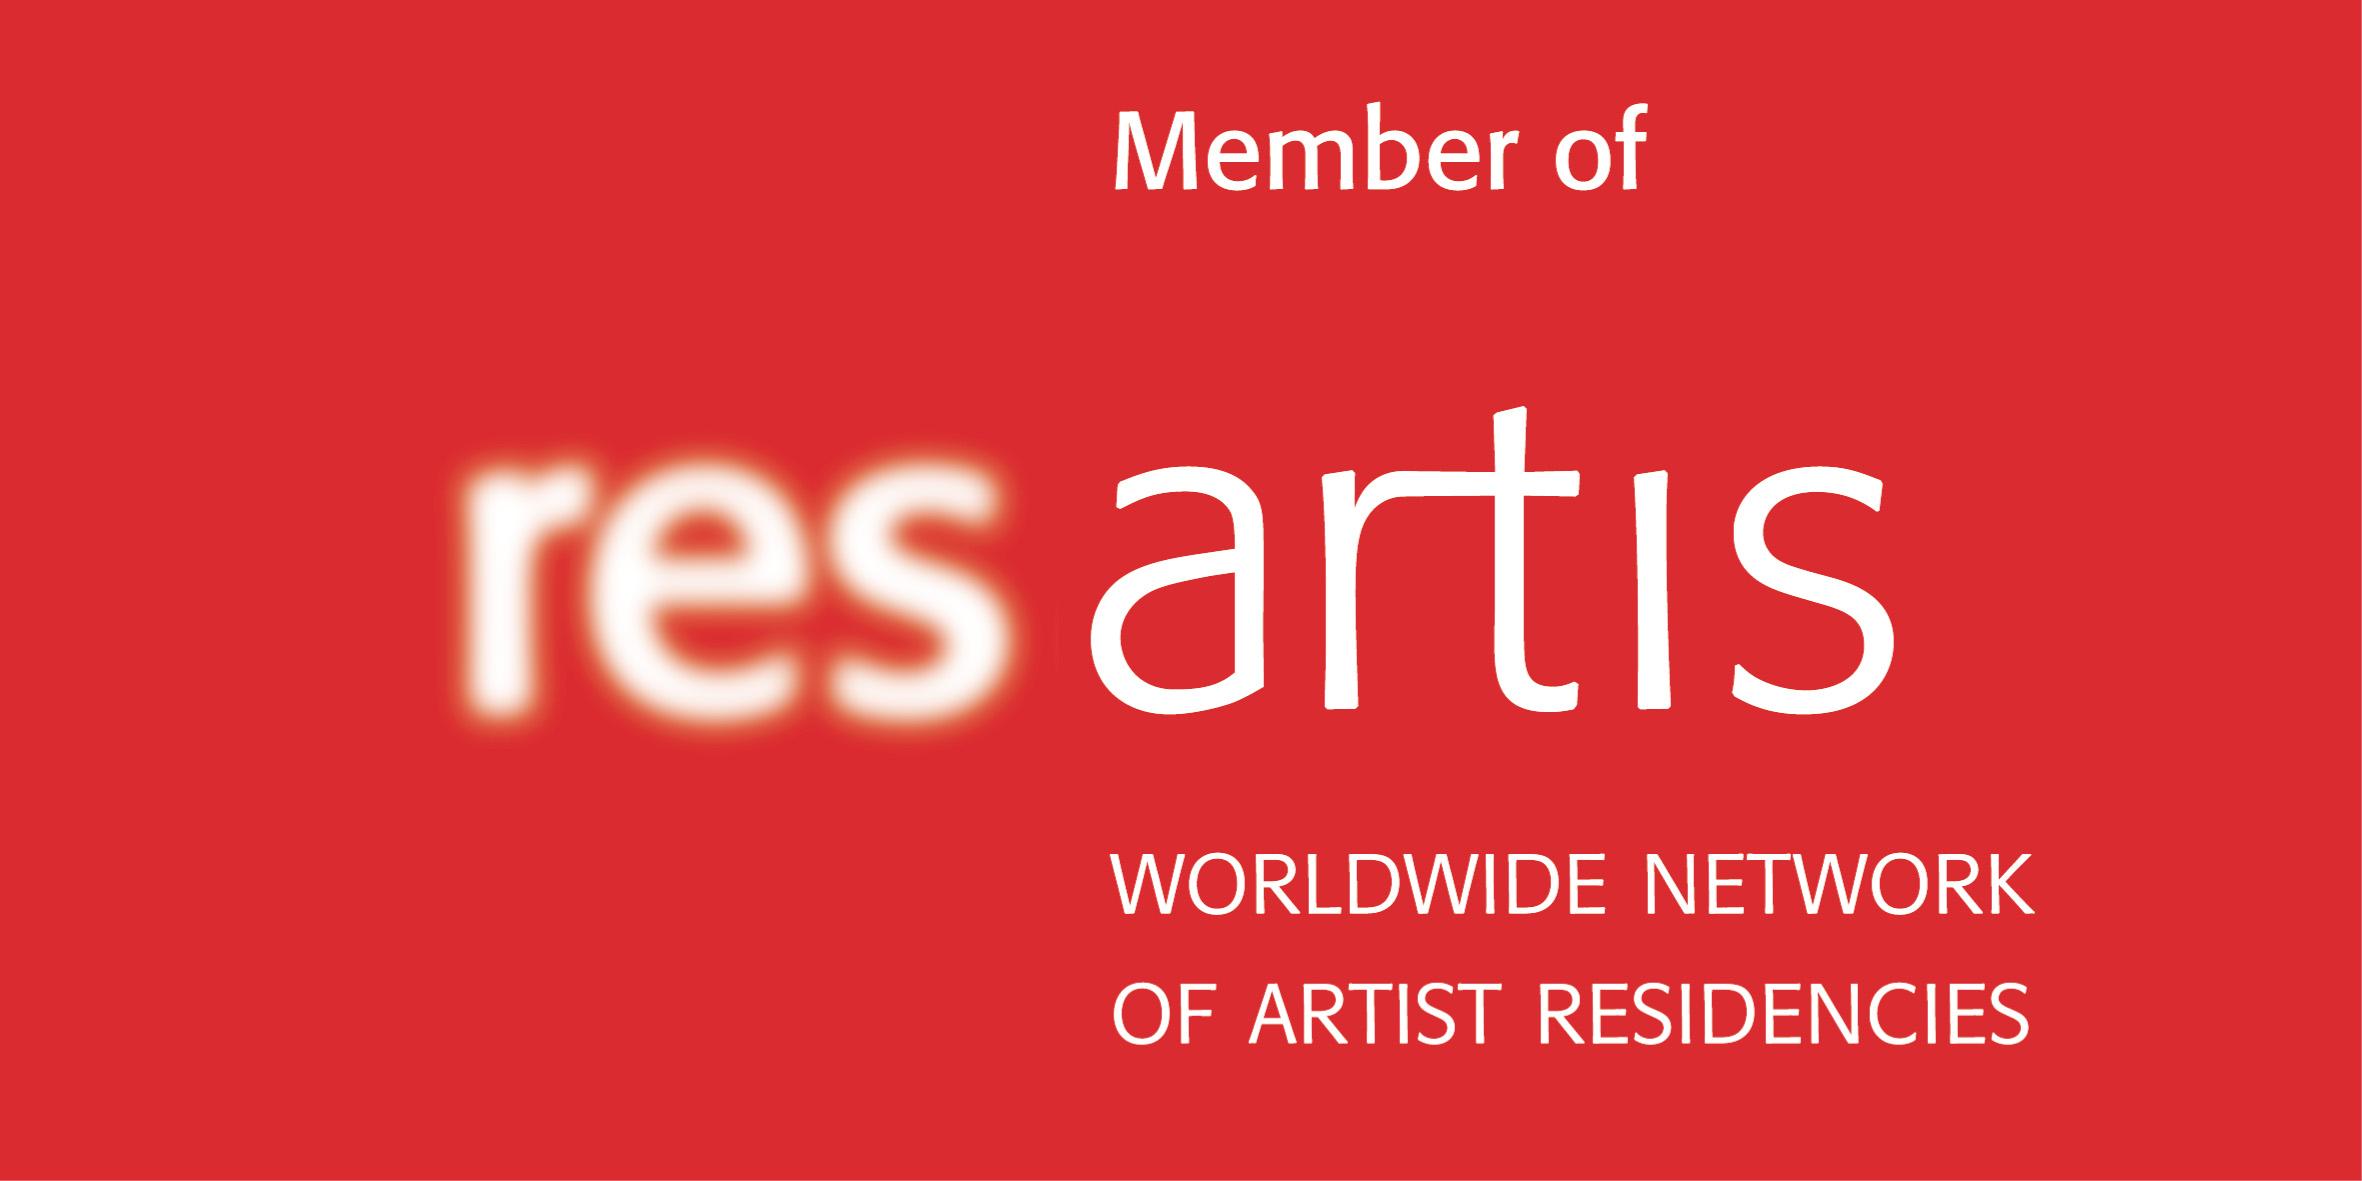 res_artis_member_logo.jpg